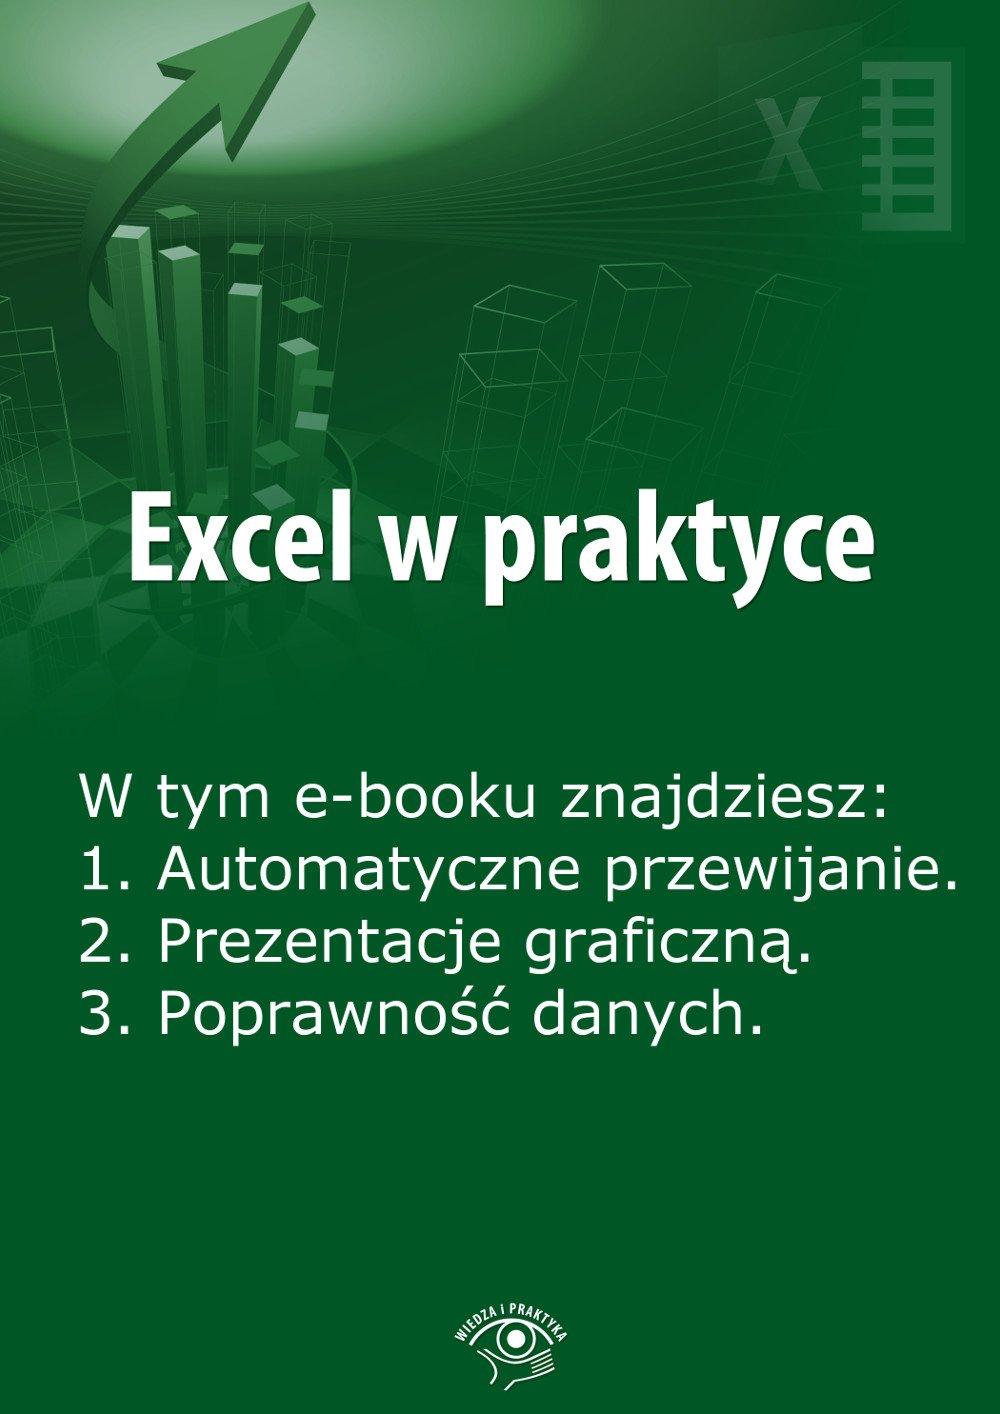 Excel w praktyce. Wydanie czerwiec-lipiec 2014 r. - Ebook (Książka EPUB) do pobrania w formacie EPUB